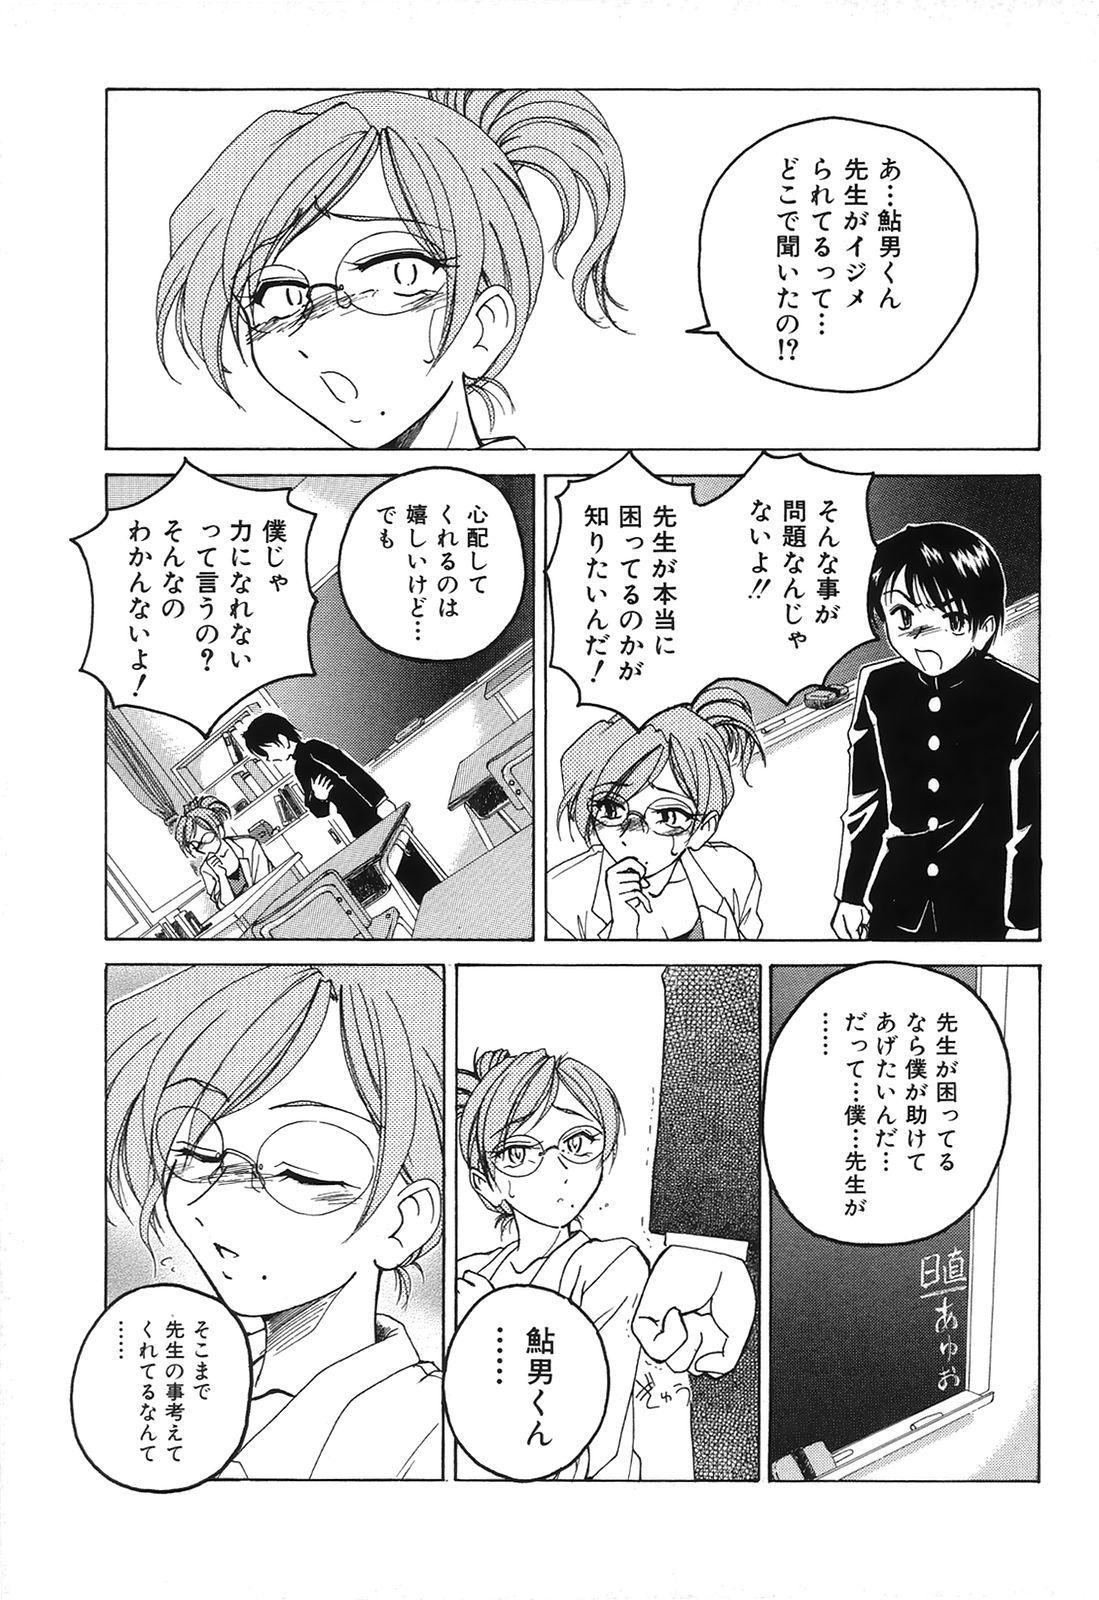 Omake No Musume 75